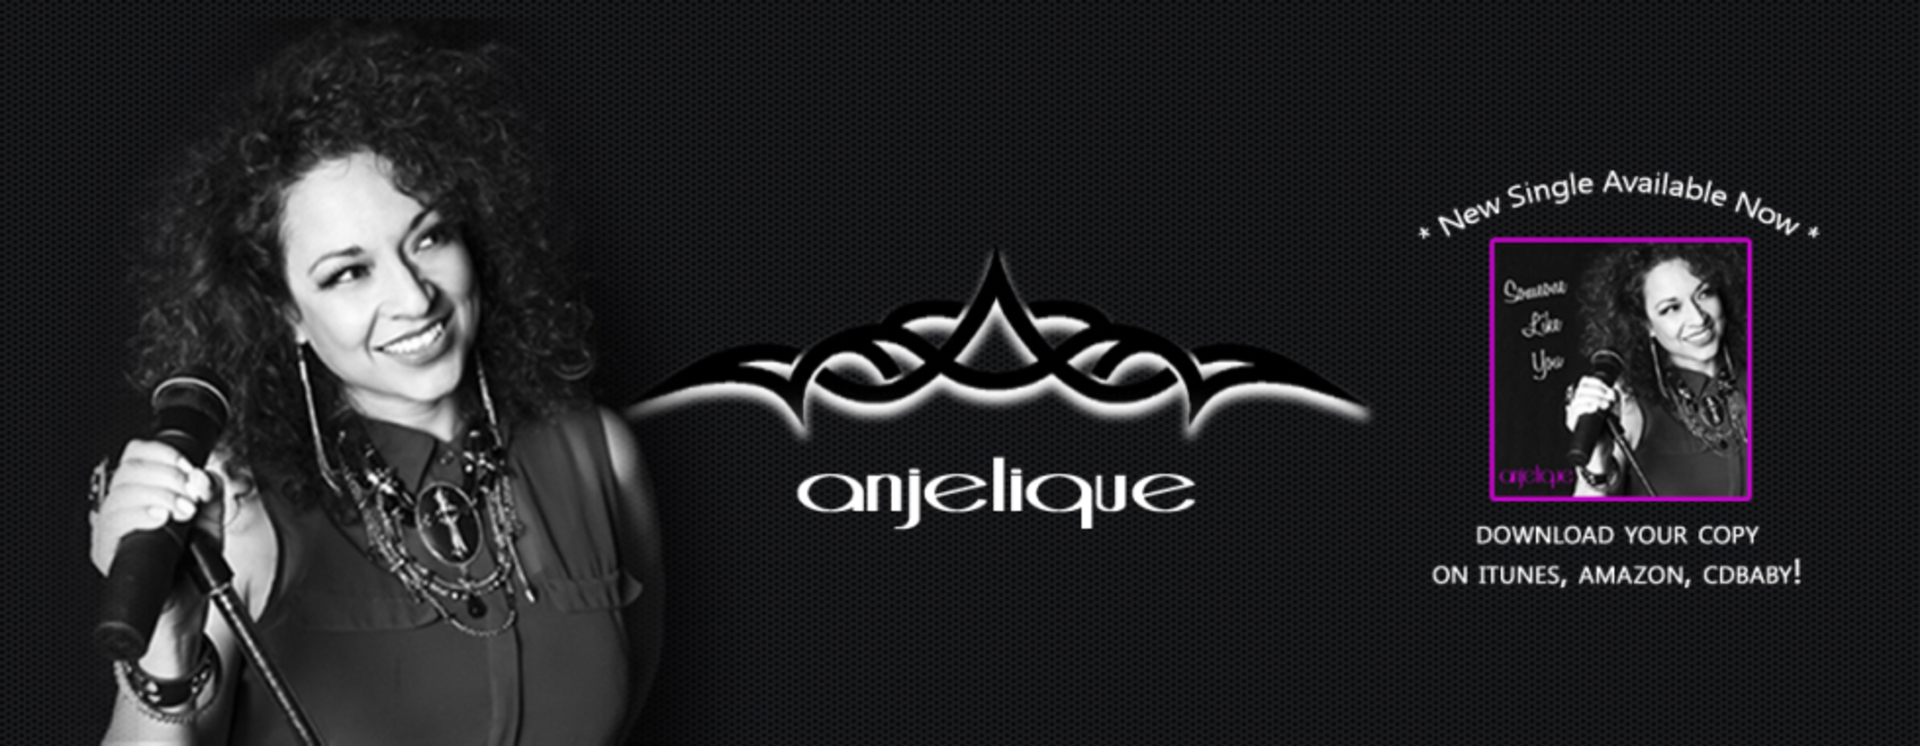 Anjelique reverbantion header copy copy